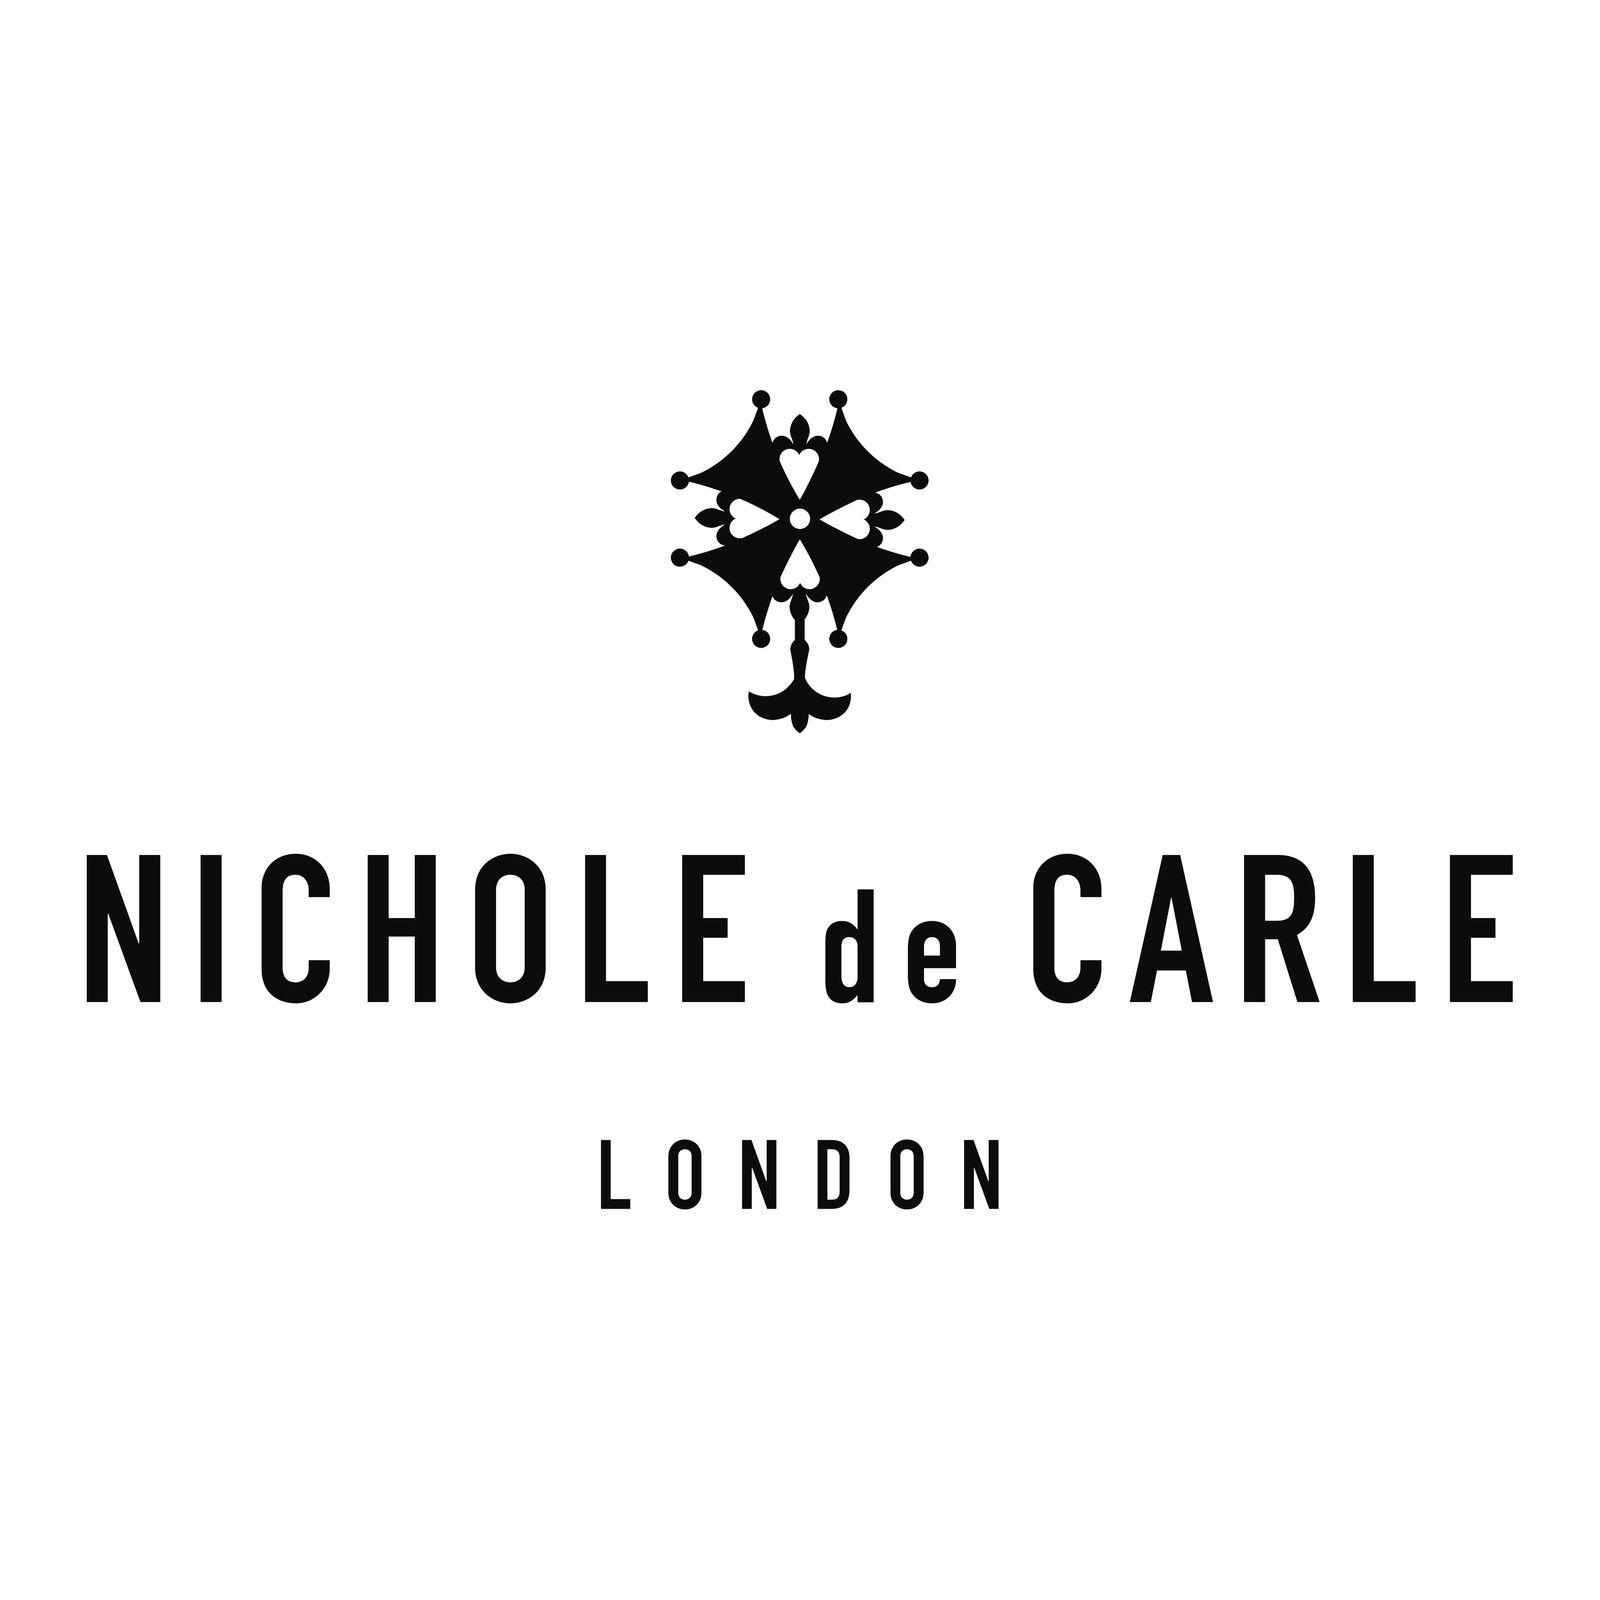 NICHOLE de CARLE